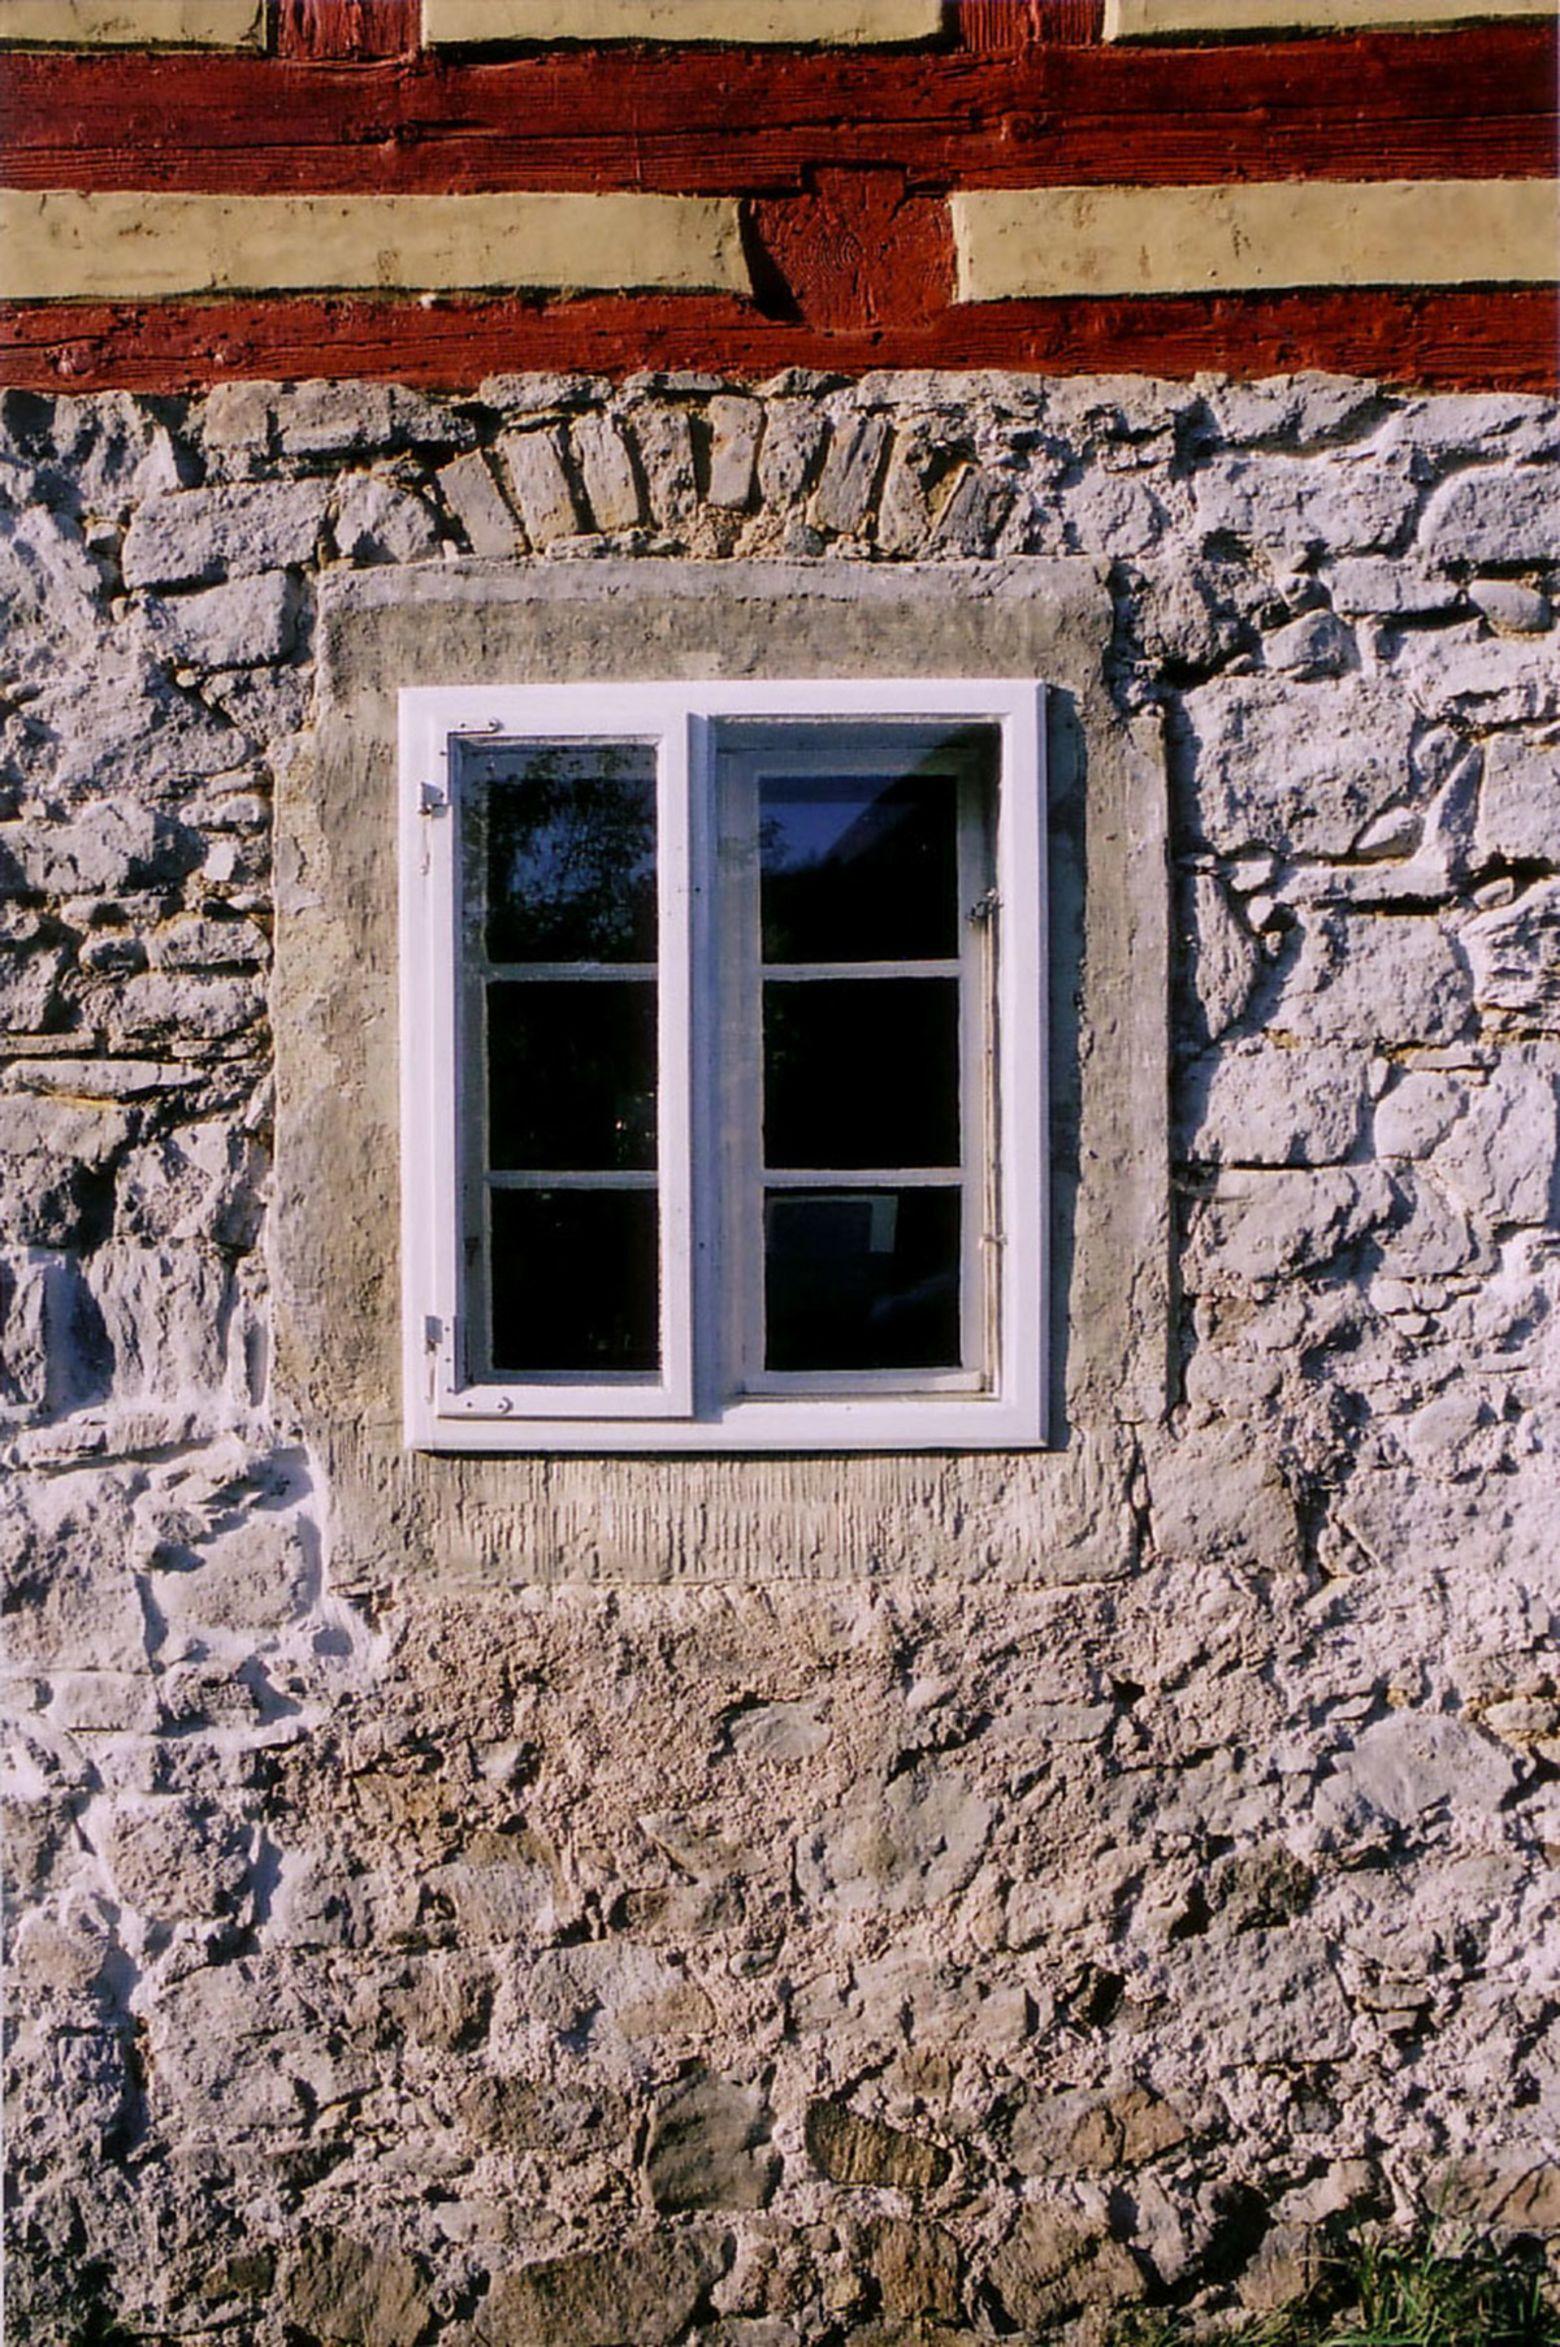 Kastenfenster in Bruchsteinwand